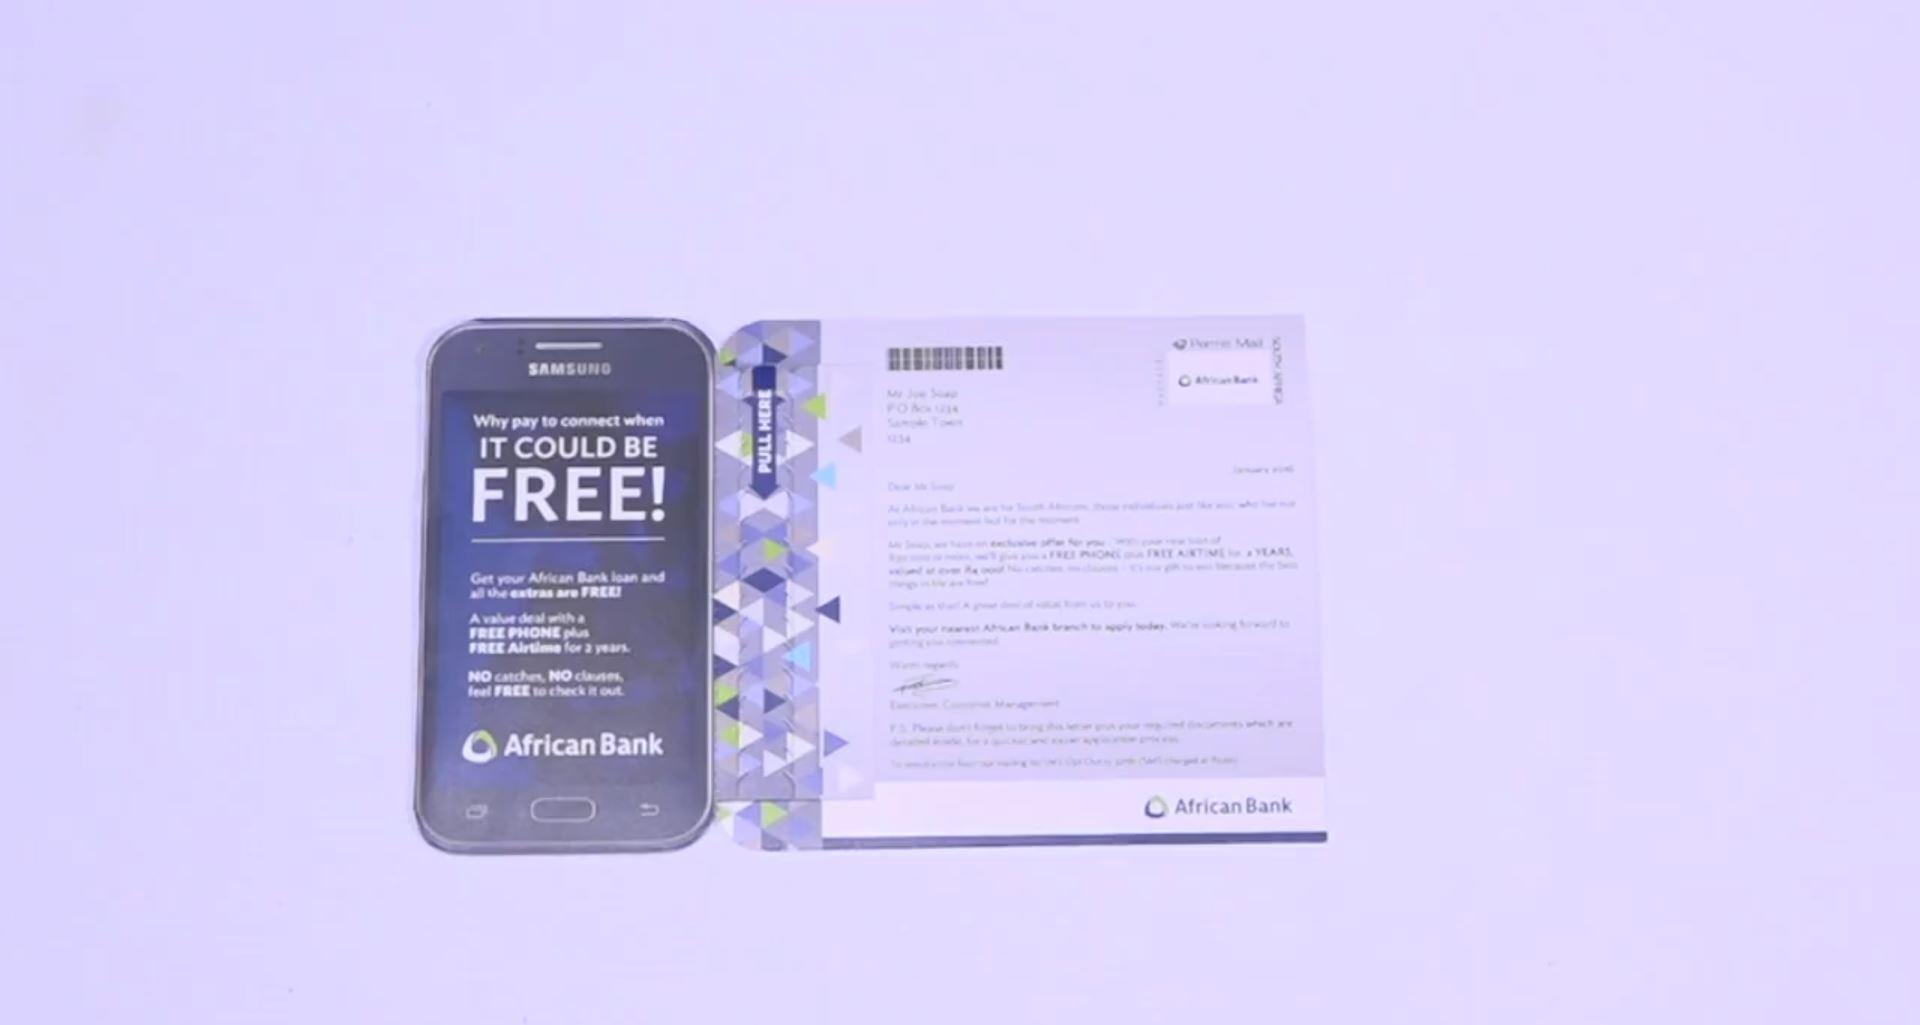 PocketMedia-z-mailer